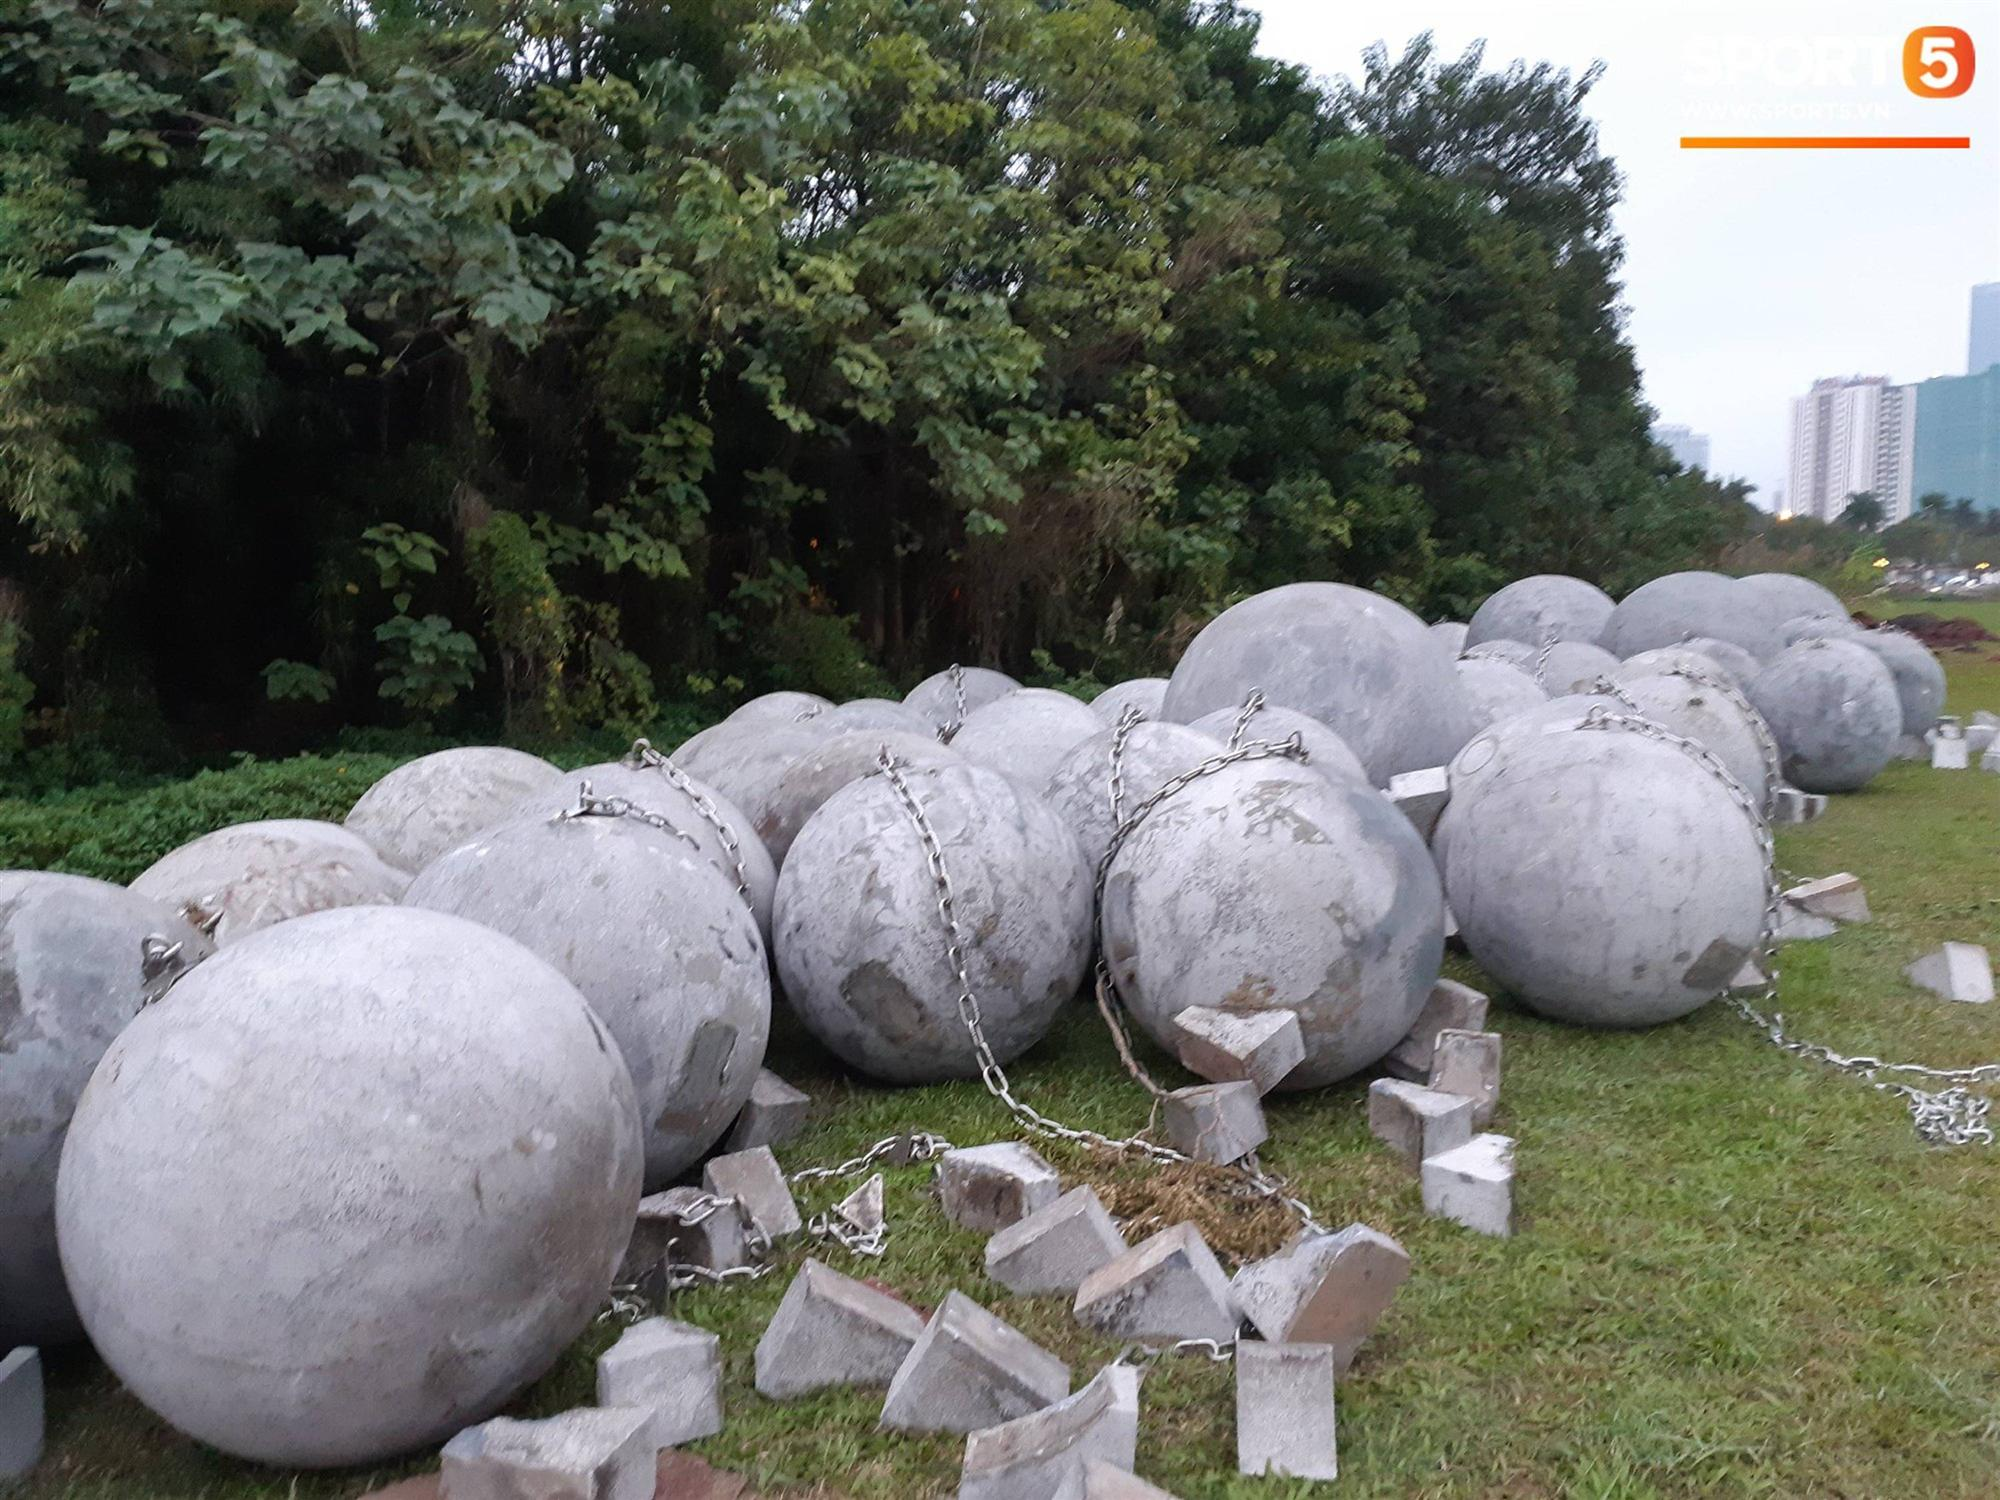 Đã tìm ra vị trí bí ẩn của 40 quả cầu đá sau khi bị di dời khỏi sân Mỹ Đình-5